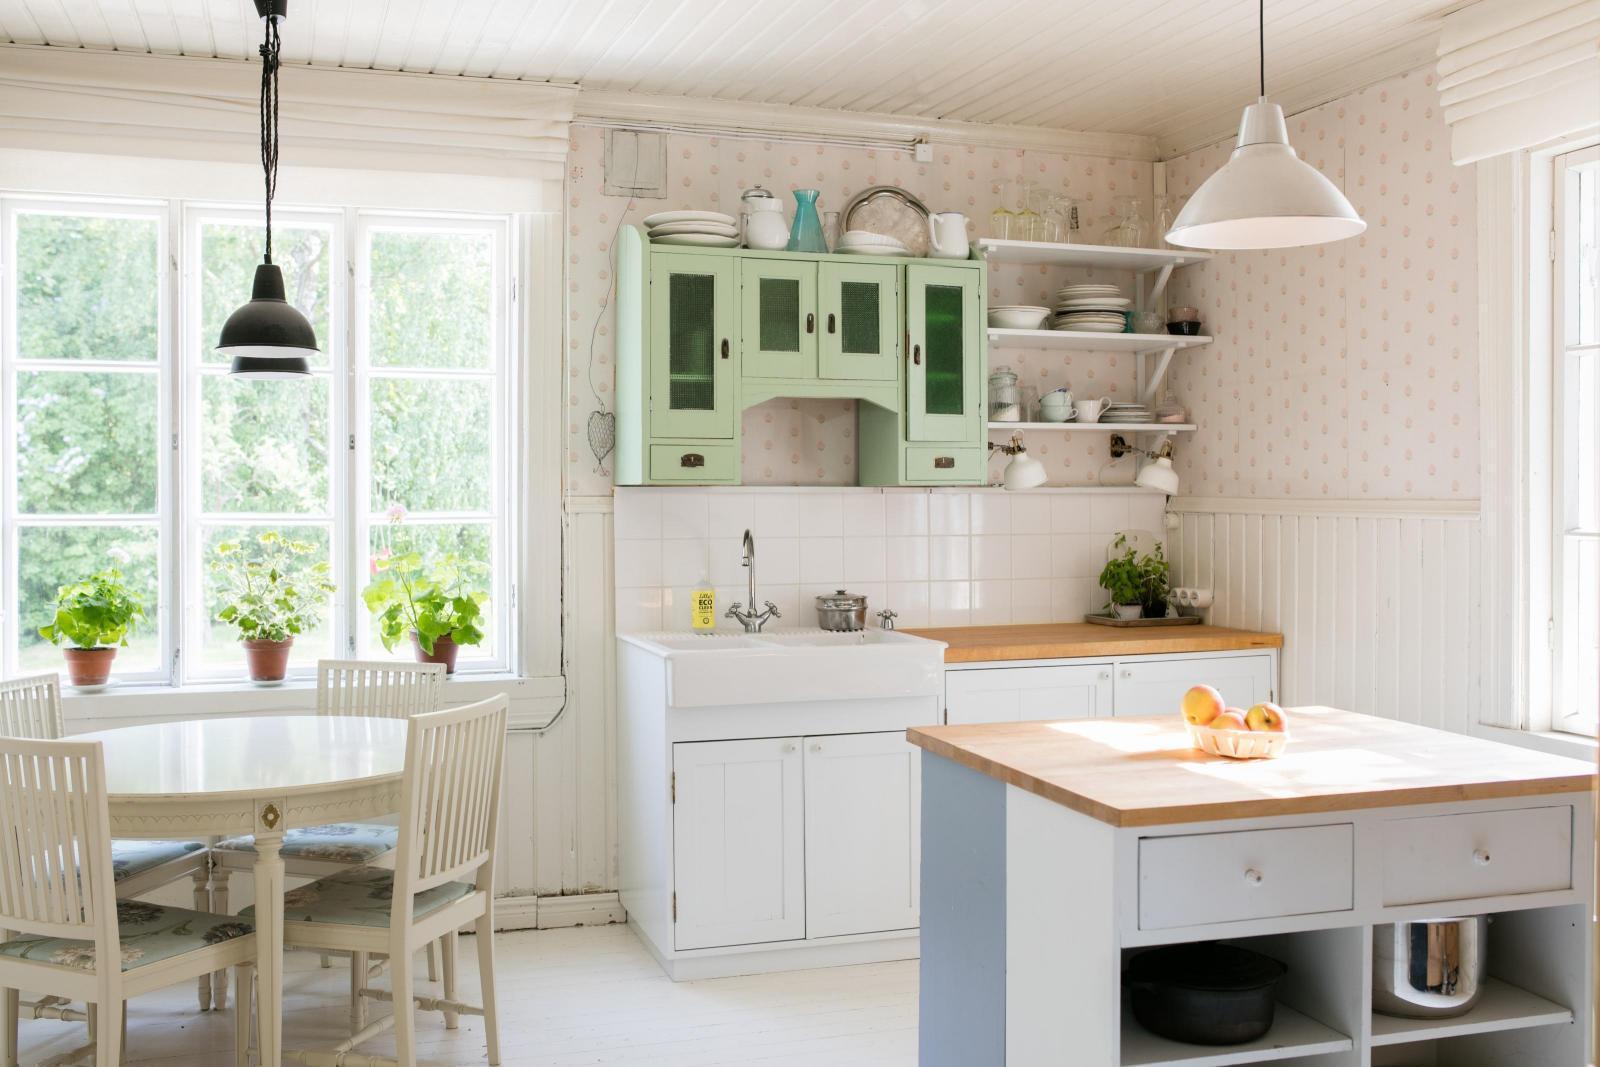 Vanhan talon kodikas keittiö  Etuovi com Ideat & vinkit